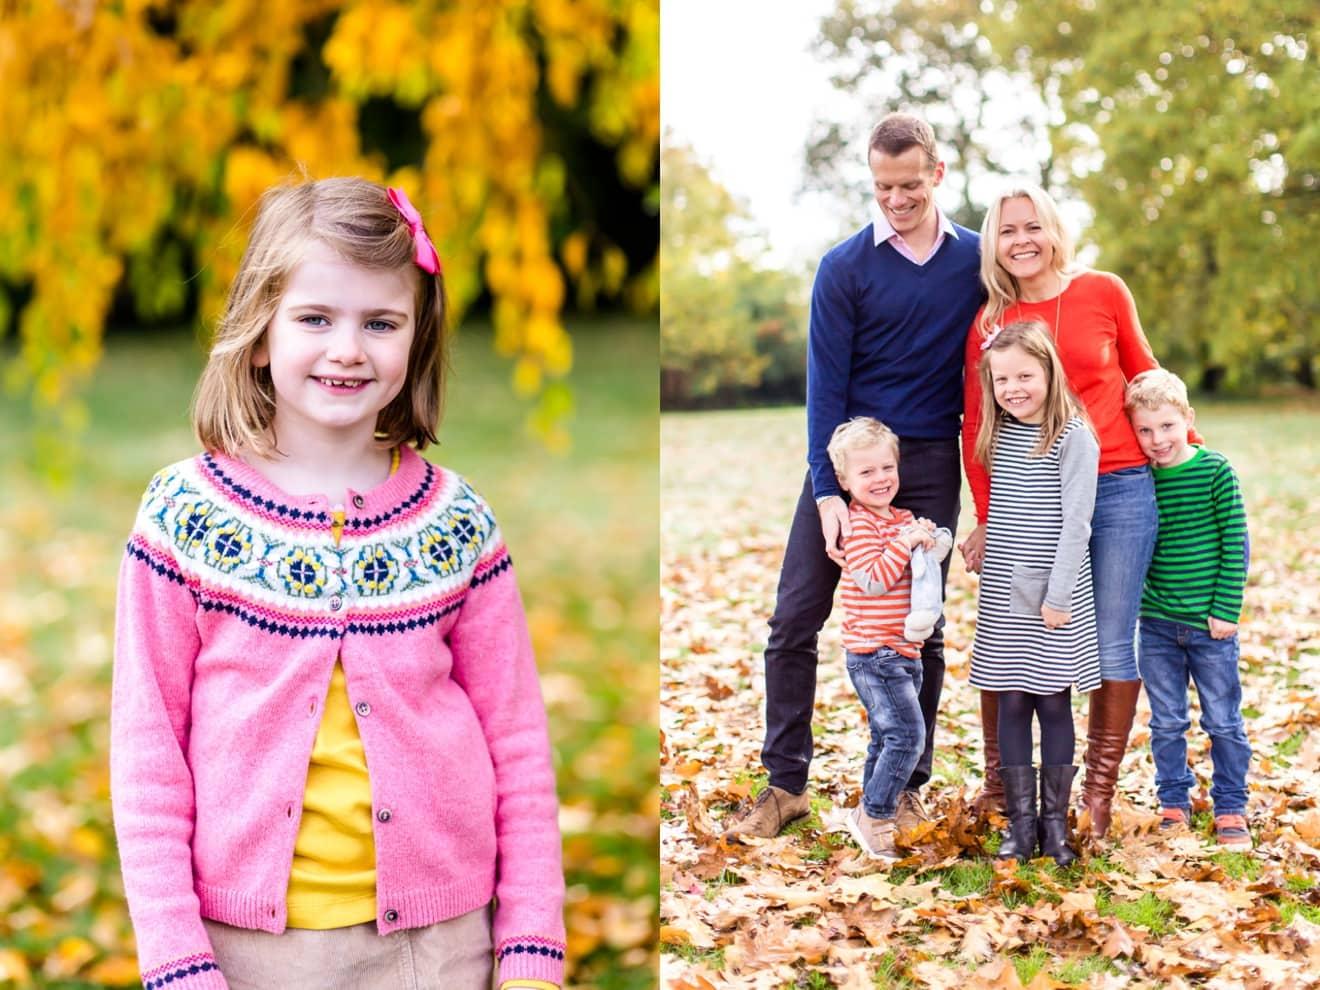 5-autumn-mini-session-family-surrey-eddie-judd-photography-eddie-judd-photography